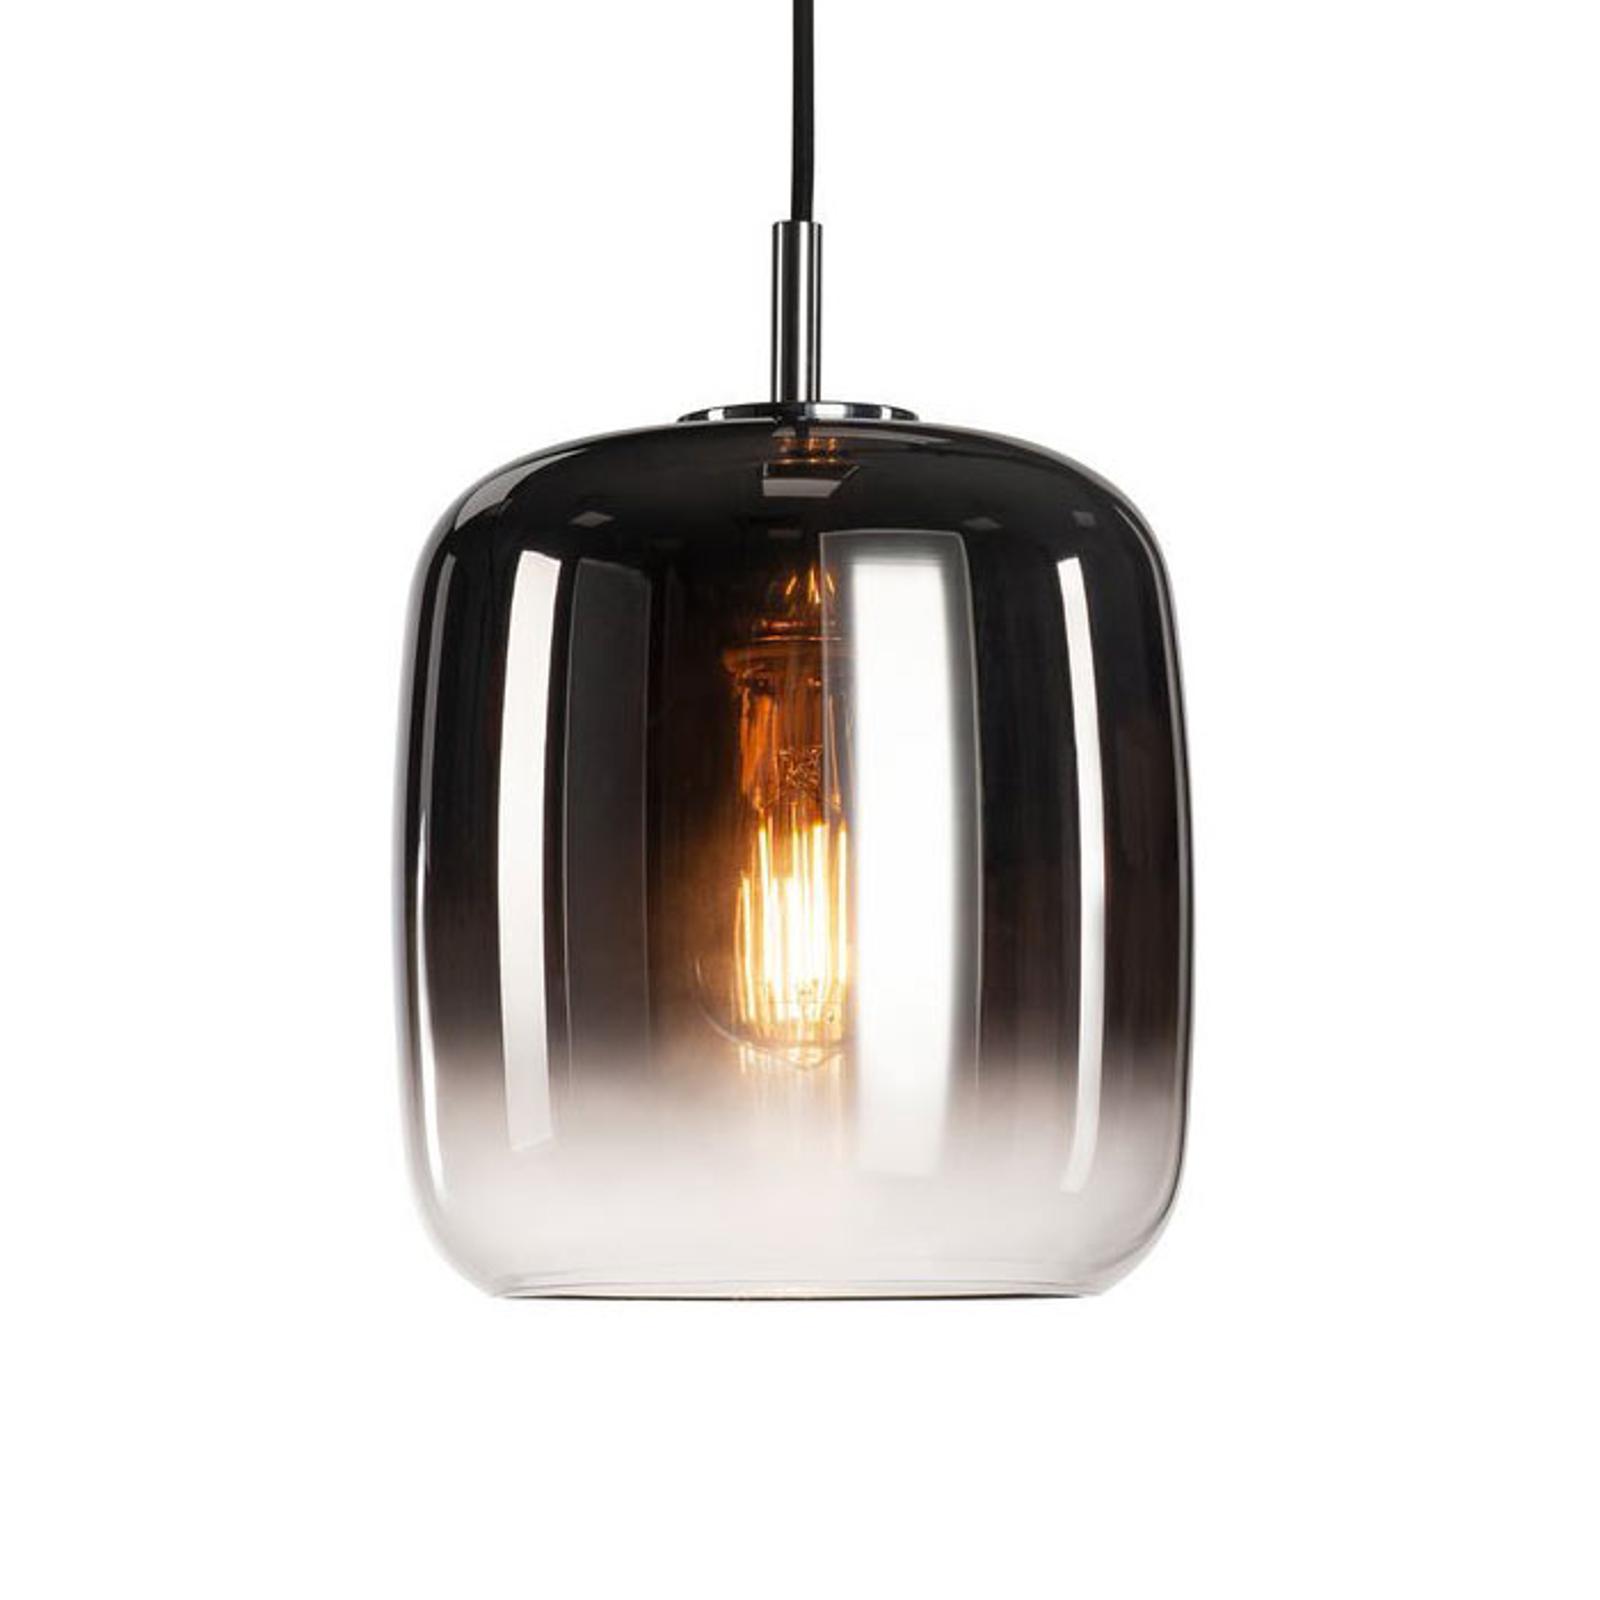 SLV Pantilo 20 hængelampe, Ø 20 cm, krom